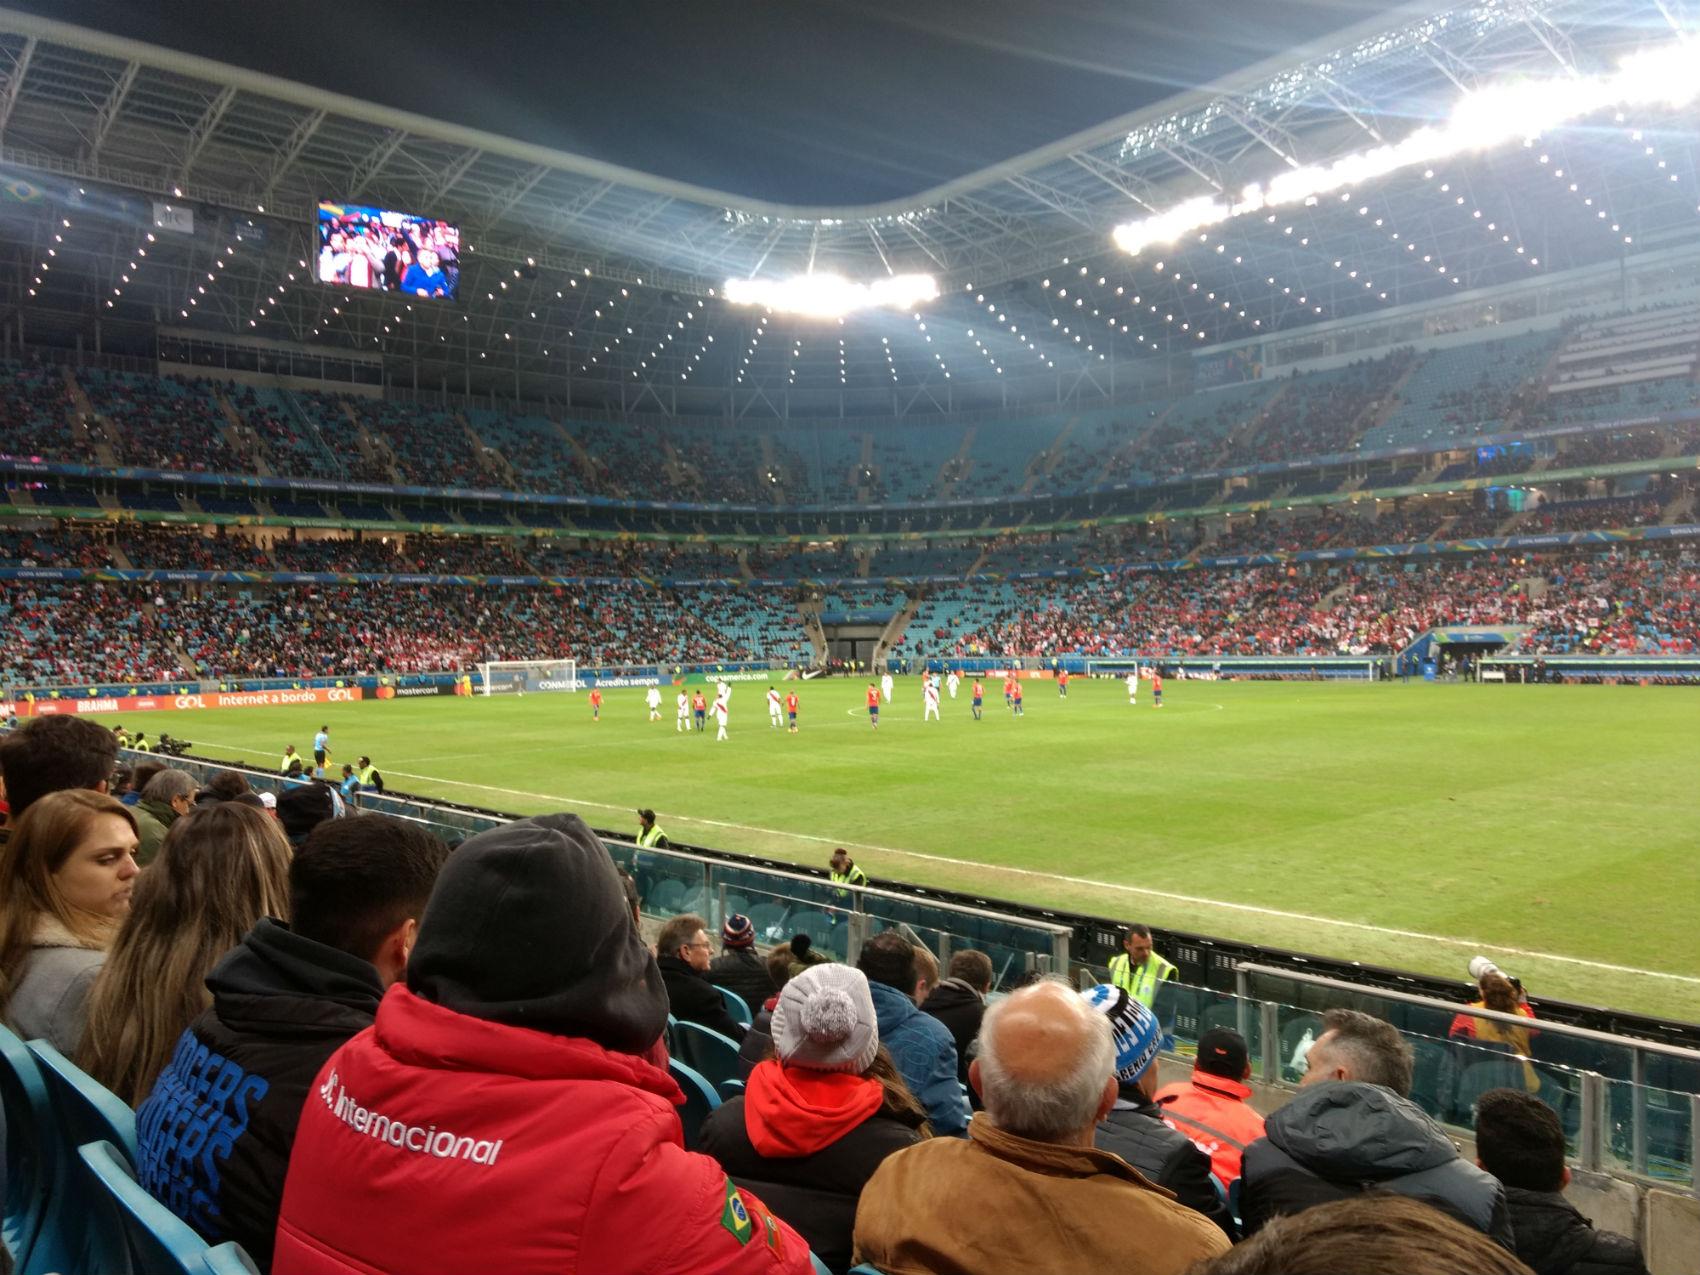 Copa América: mais de 33 mil espectadores acompanharam Chile e Peru na Arena do Grêmio. Foto: Vitor de Arruda Pereira/Agora no RS